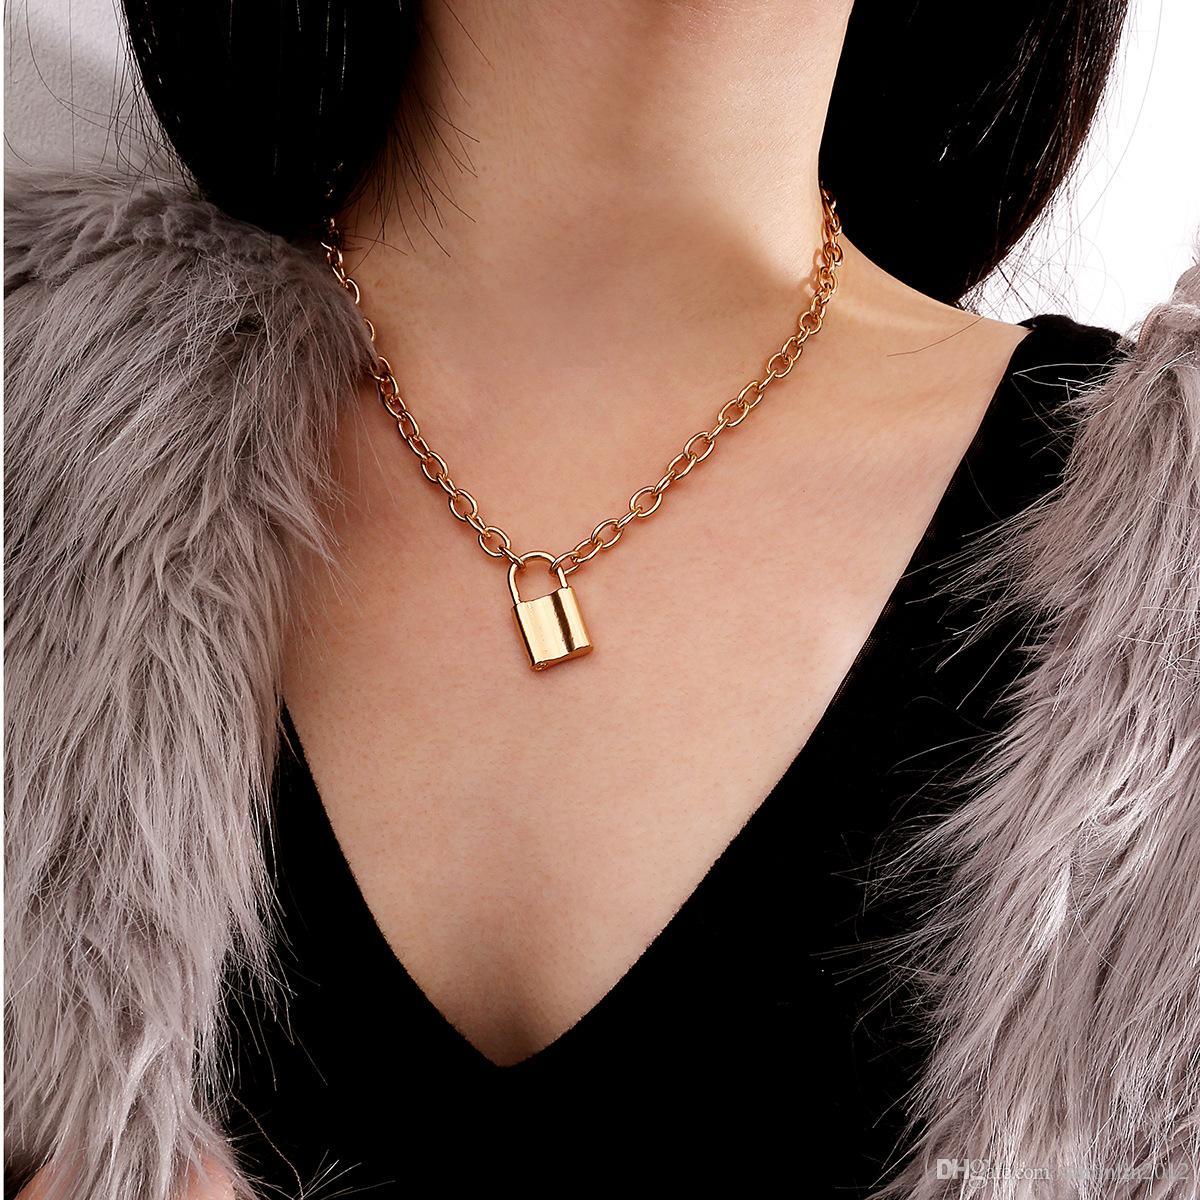 Rongho جديد إمرأة خمر المعادن قفل قلادة قلادة الذهب المختنق قلادة الهيب هوب فام قلادة سلسلة قلادة المجوهرات